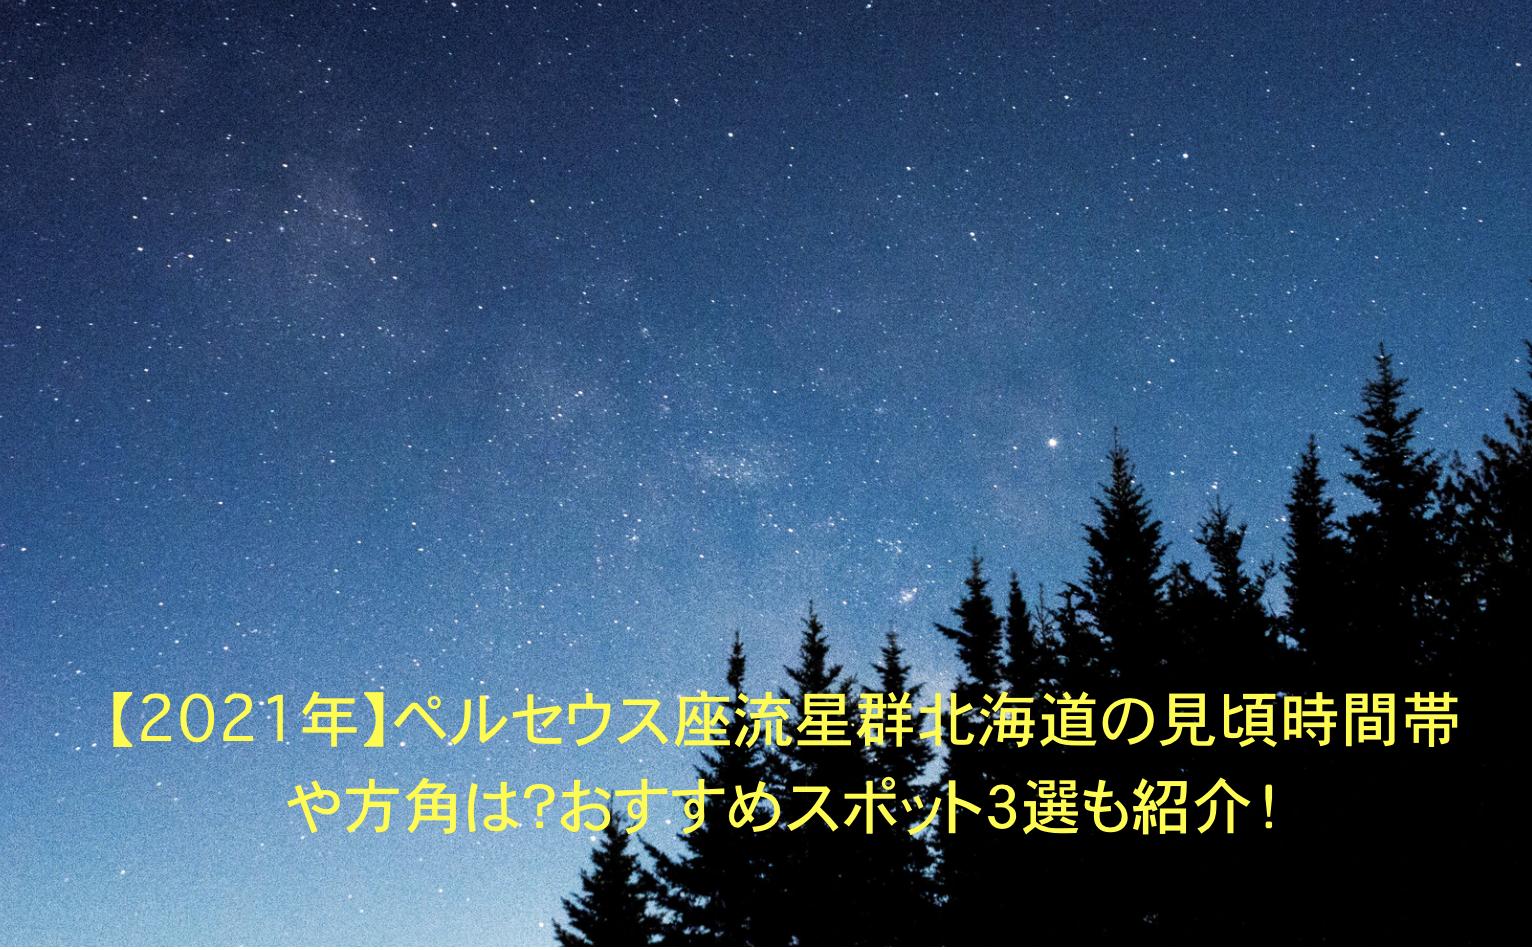 ペルセウス座流星群 北海道 見頃 時間帯 方角 オススメスポット